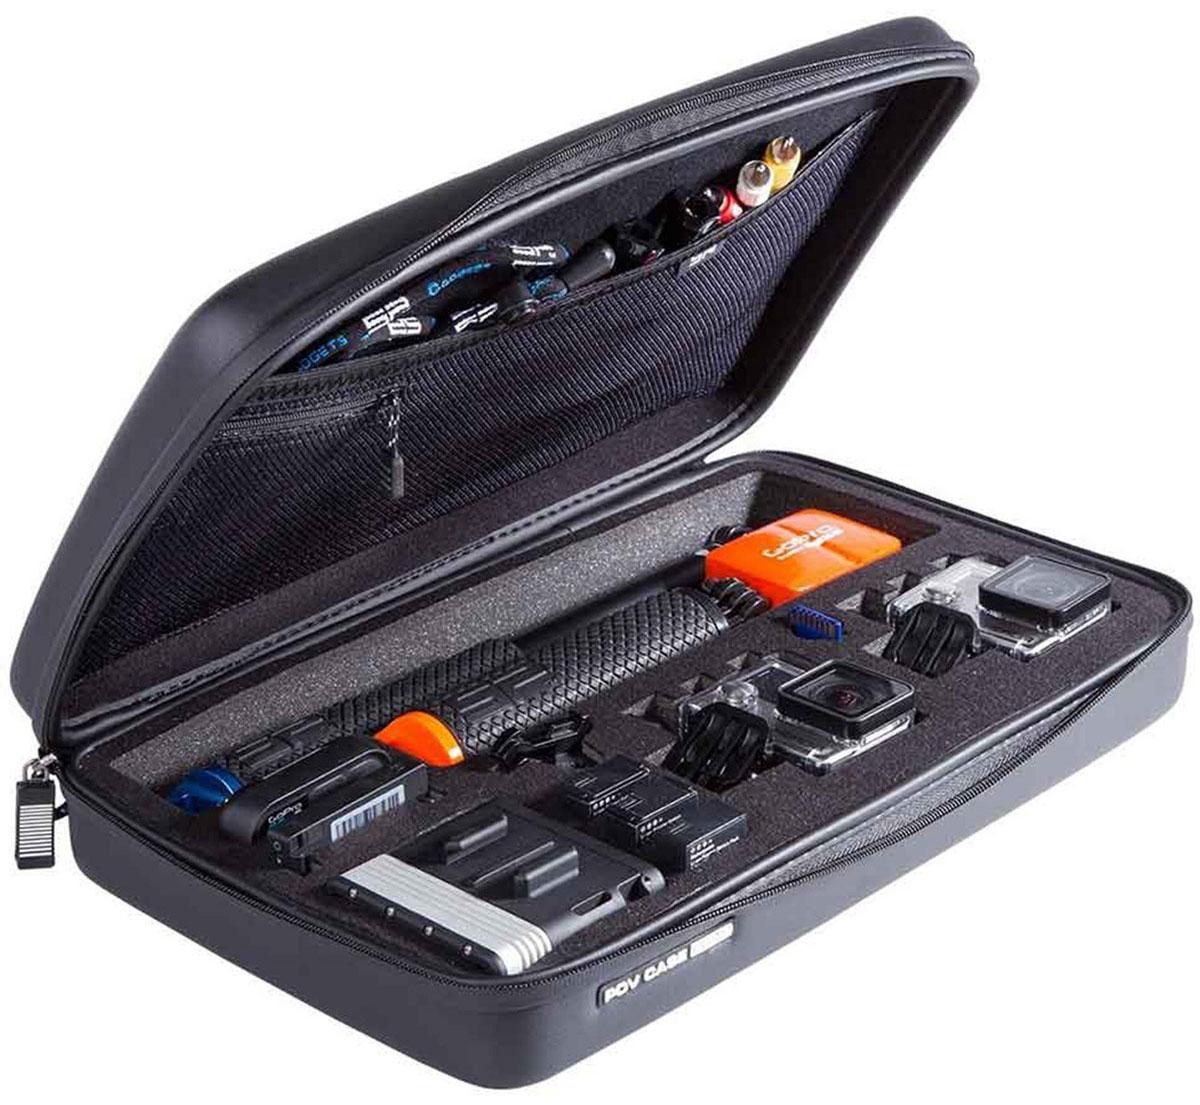 SP-Gadgets POV Case Elite, Black кейс для экшн-камеры52091Эргономичный и легкий, SP-Gadgets POV Case Elite сохранит все необходимое для съемки - камеру и аксессуары, а также надежно защитит вашу камеру от пыли, влаги, ударов, царапин. Компактность кейса облегчает его транспортировку. Подходит для всех камер GoPro Hero. В кейс помещается:Любая камера GoPro HERO1 аккумуляторLCD Bac Pac + камера + боксLCD/Wi-Fi/ Battery Bac PacSD memory cardGoPro Wi-Fi пультПоплавок на заднюю крышкуБольшой врезной отсек под штатив 19 смКабель и прочие аксессуарыМатериал подкладки: велюр